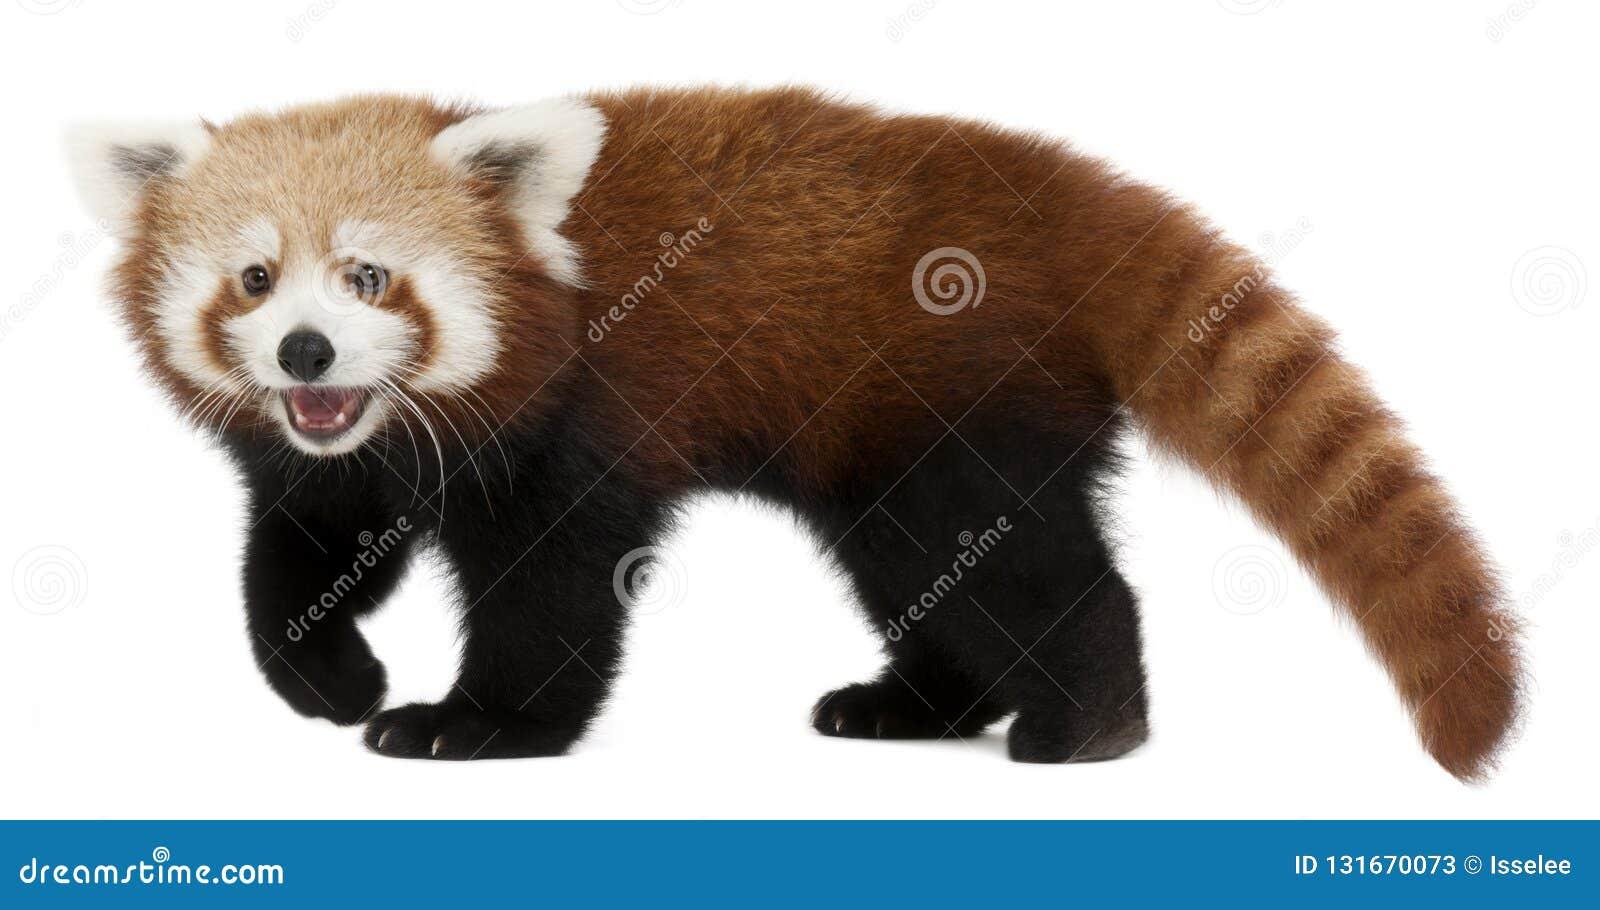 幼小红熊猫或发光的猫,小雄猫属fulgens,7个月